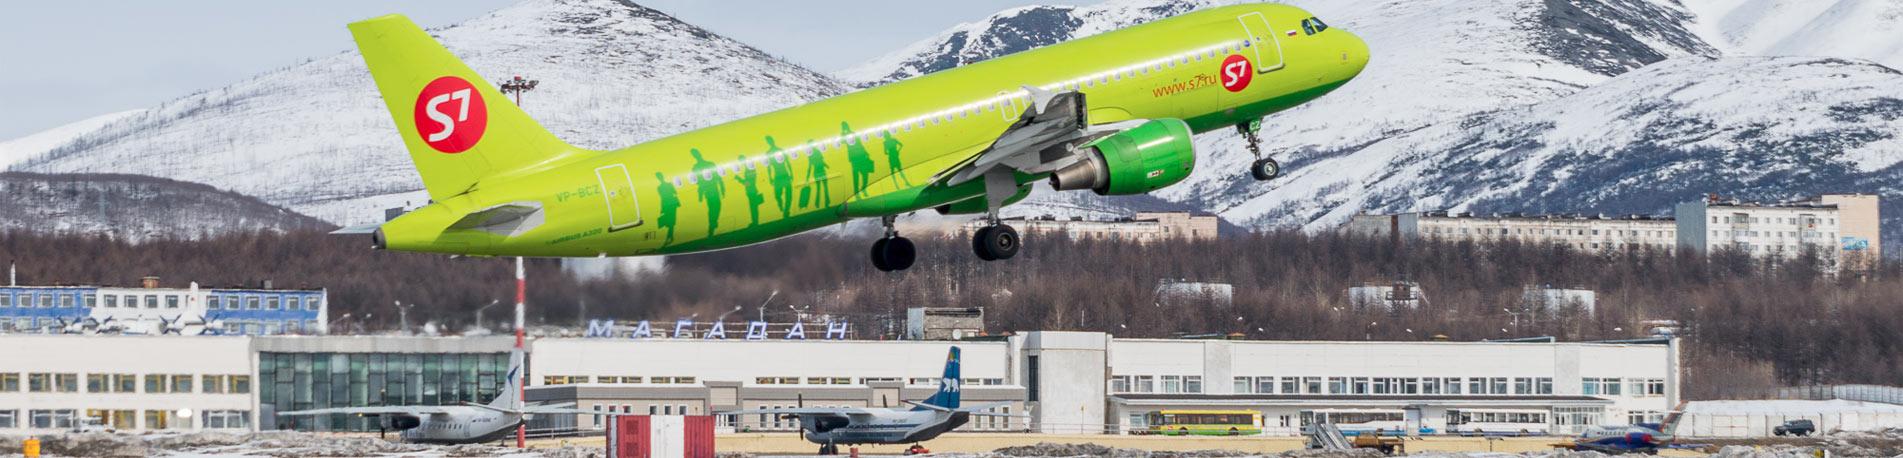 Расписание билетов на самолет магадан-иркутск можно ли поменять билеты на самолет на другое время